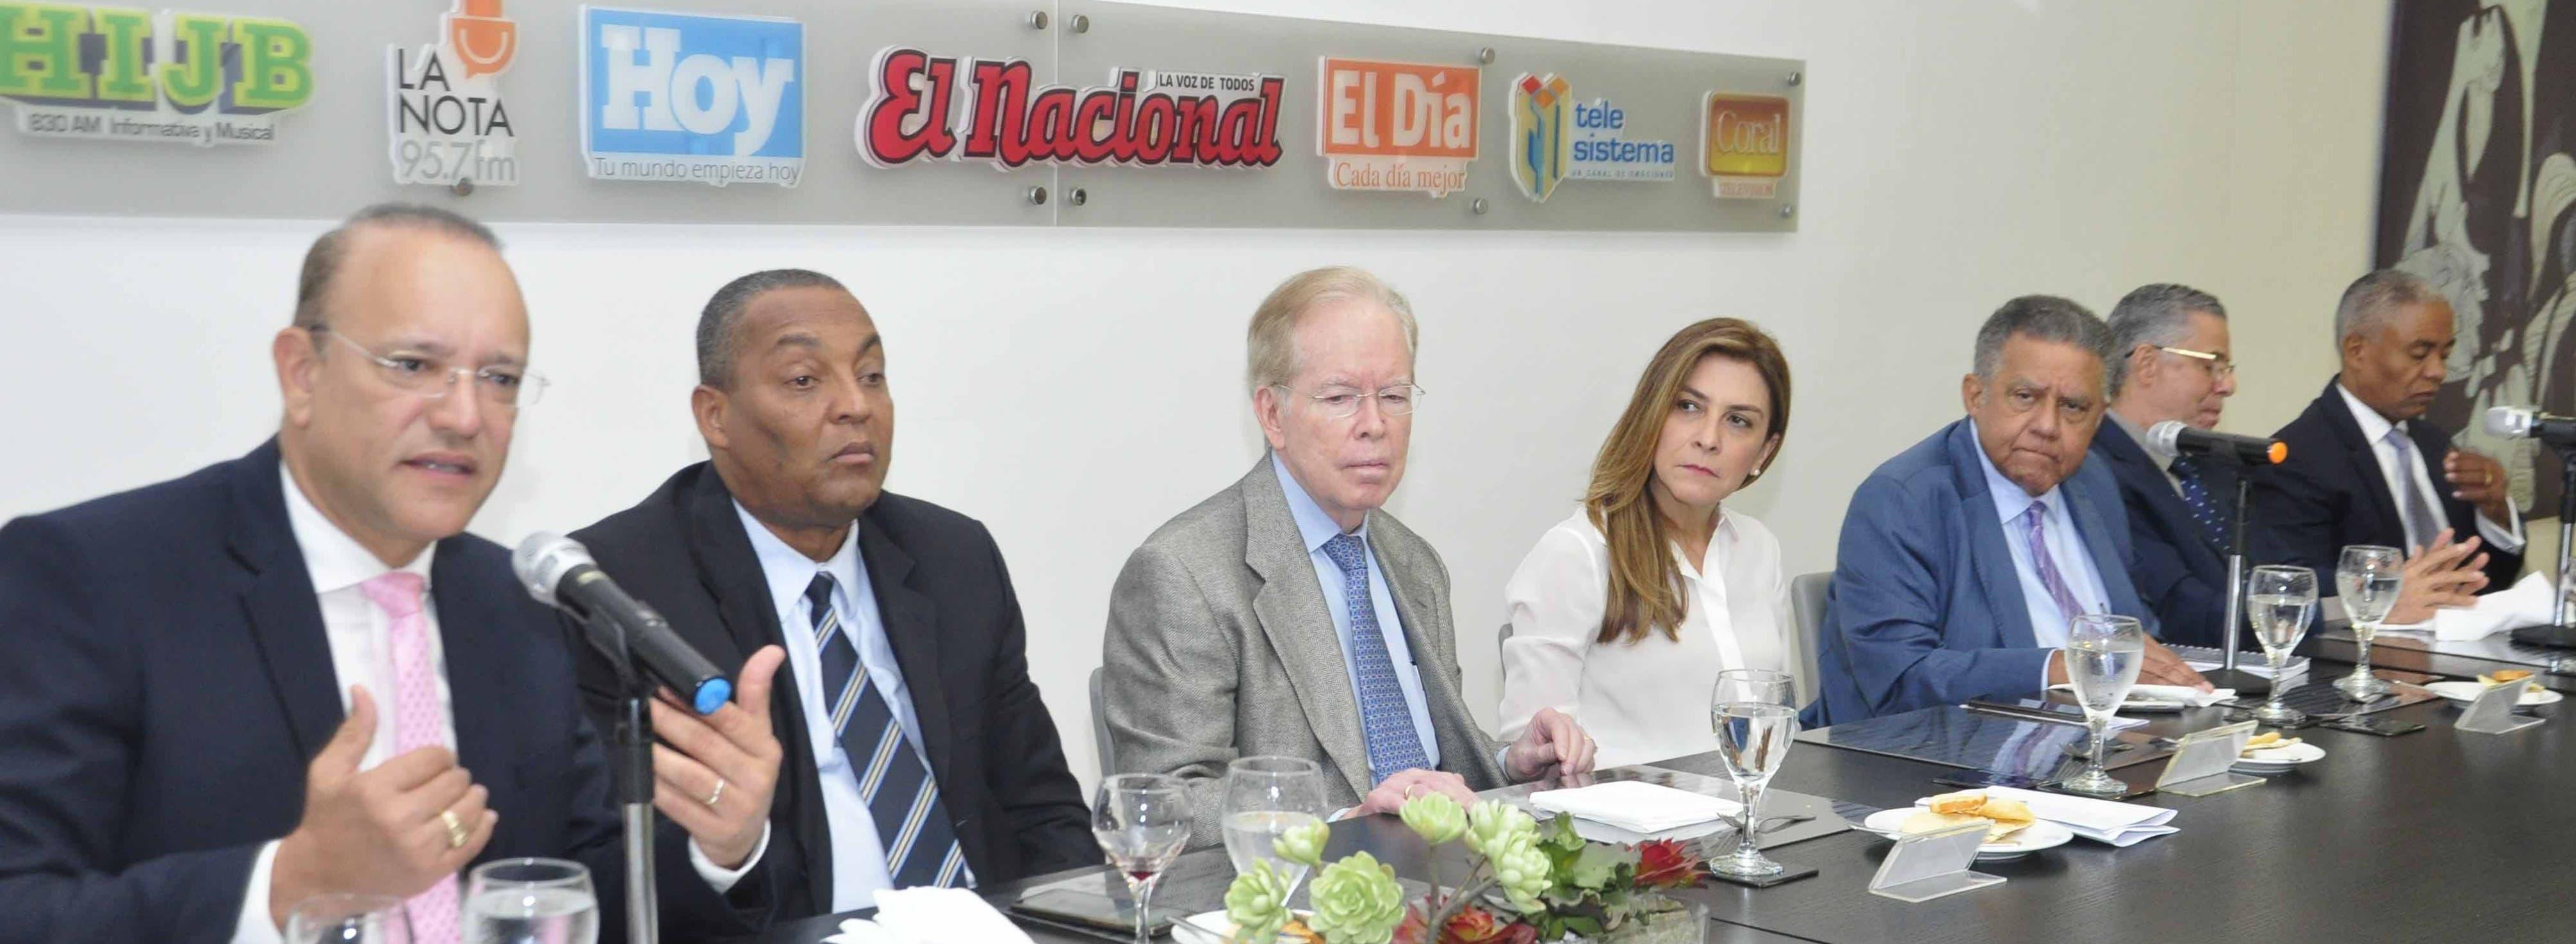 El pais.Almuerzo del Grupo de Comunicaciones Corripio, con los candidatos del PRM, Ulises Rodríguez por Santiago. Hoy/ Pablo Matos 12/02/2020